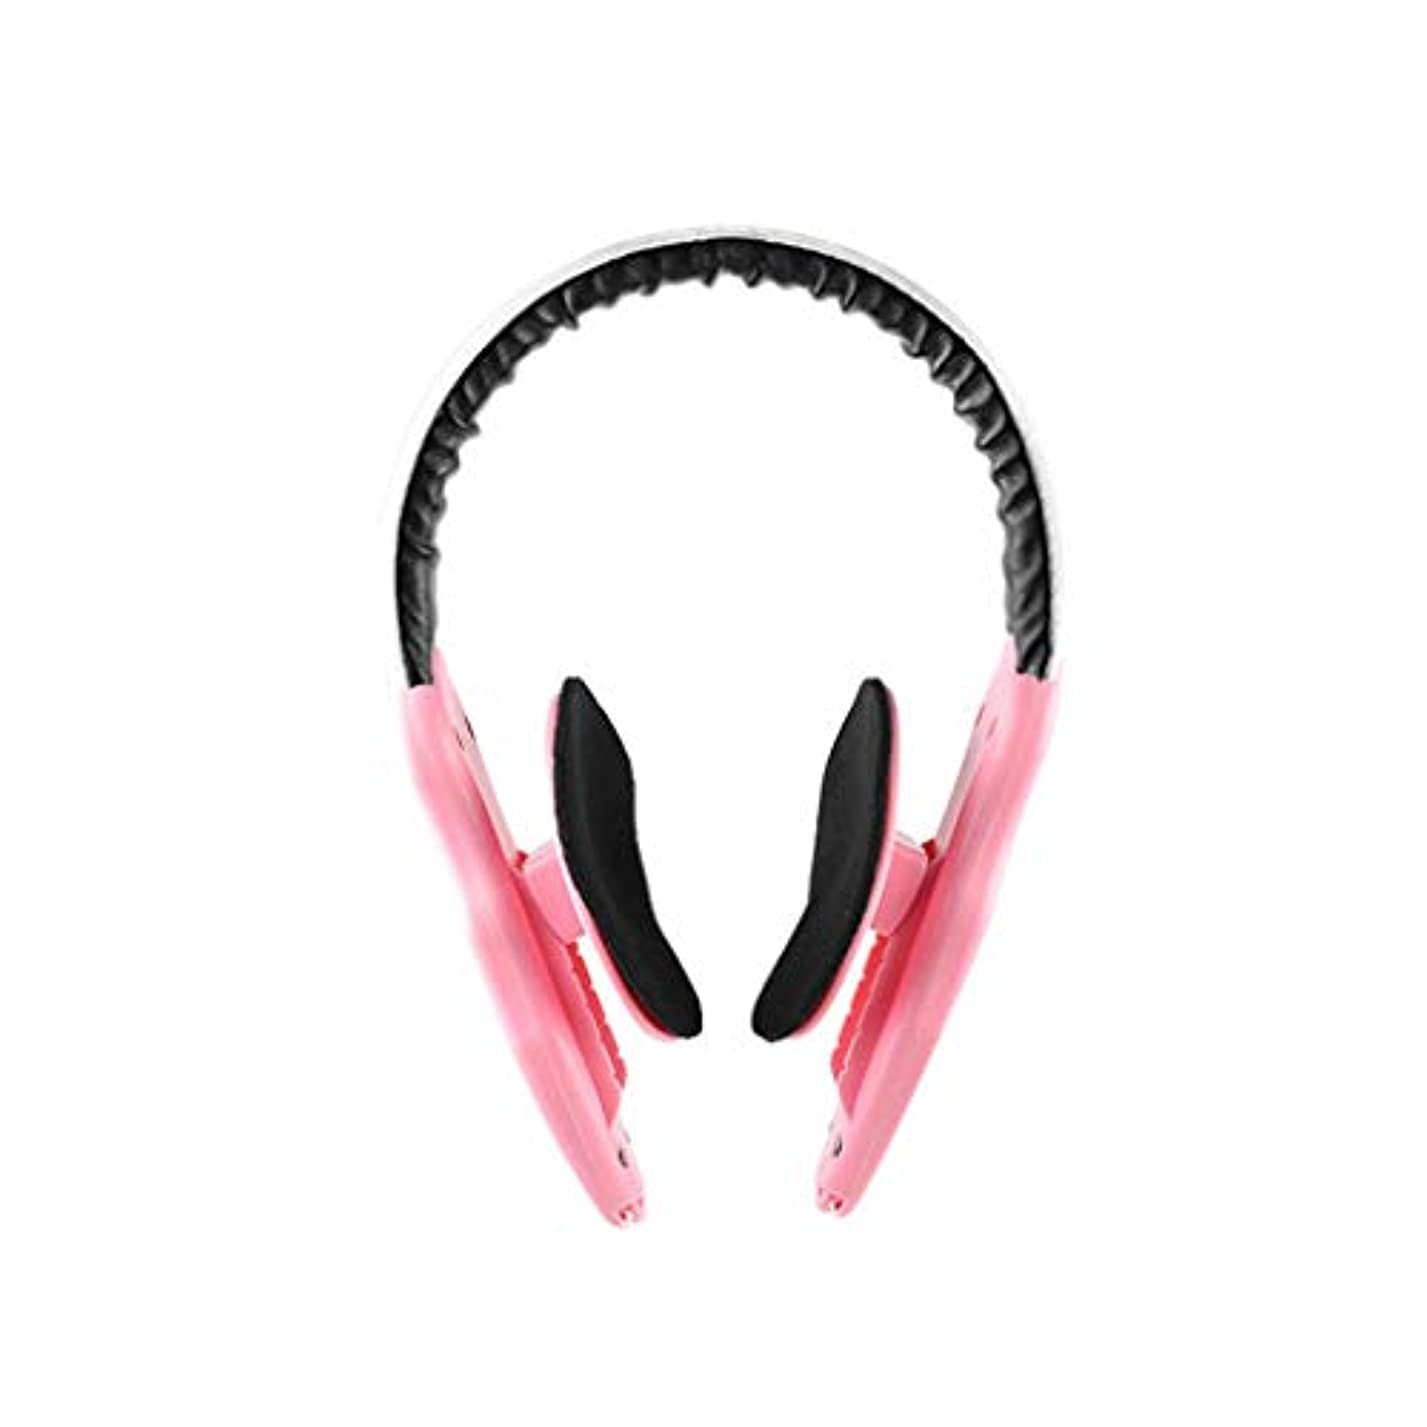 まとめるライド大邸宅LJK フェイスリフトマスク、フェイスブレース、非対称フェイスマッセターマッスル、フェイシャルラインの強化、フェイシャルファットの改善、男性に最適 (Color : Pink)